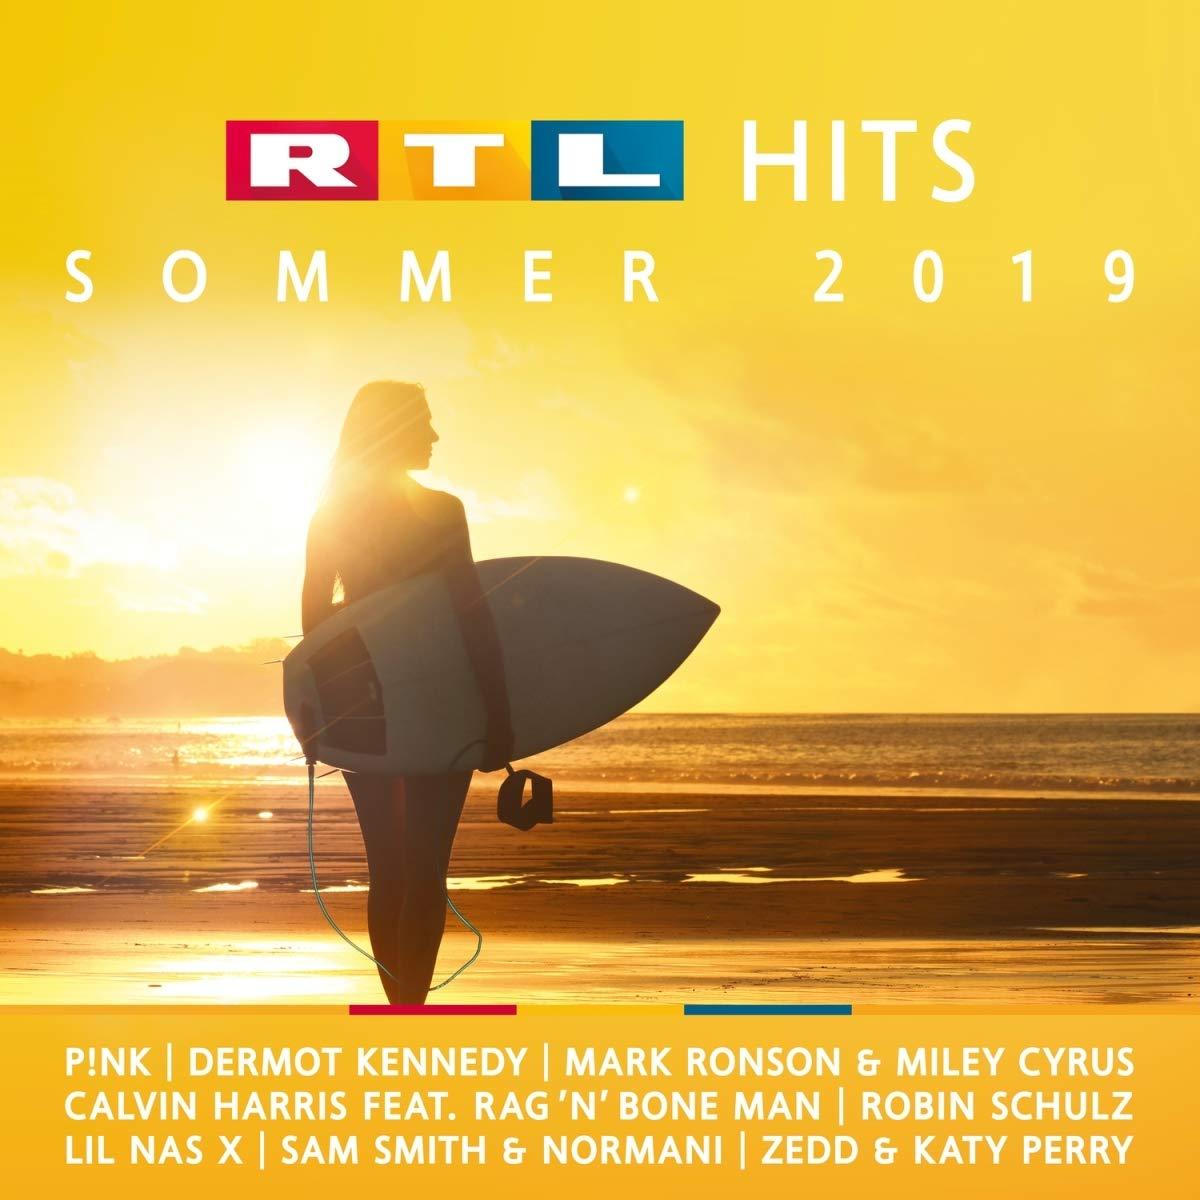 rtl sommerhits 2019